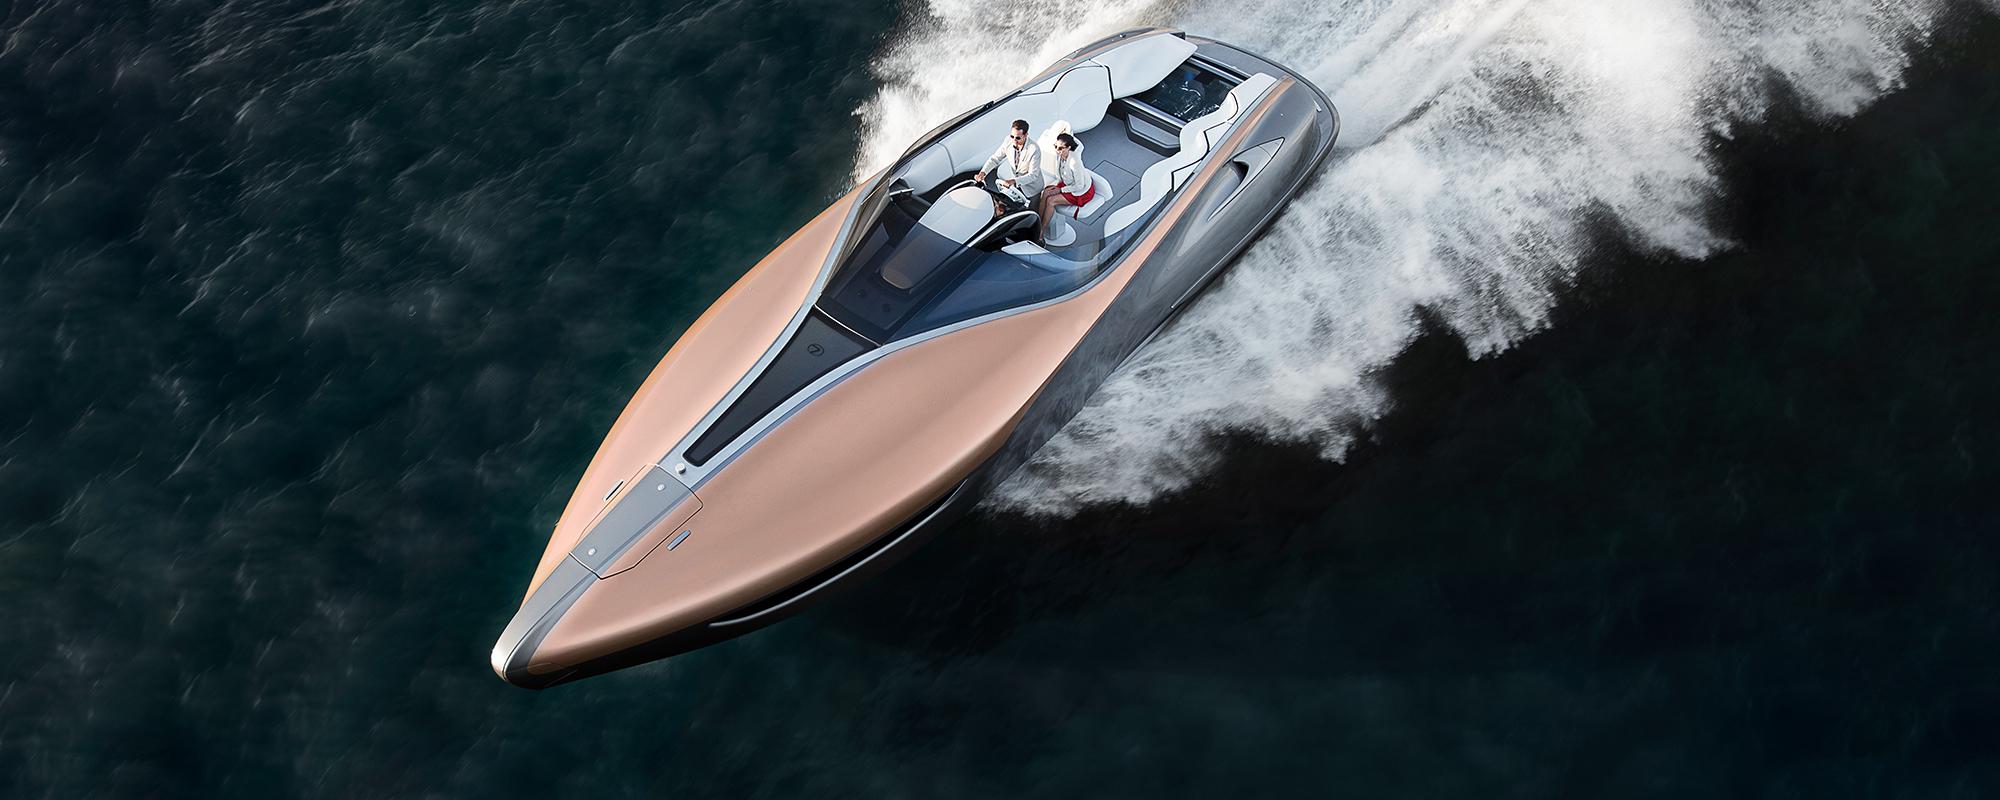 Lexus Sport Yacht Concept wint award en Lexus kondigt verkoopplannen nieuwe, grotere 'luxury yacht' aan